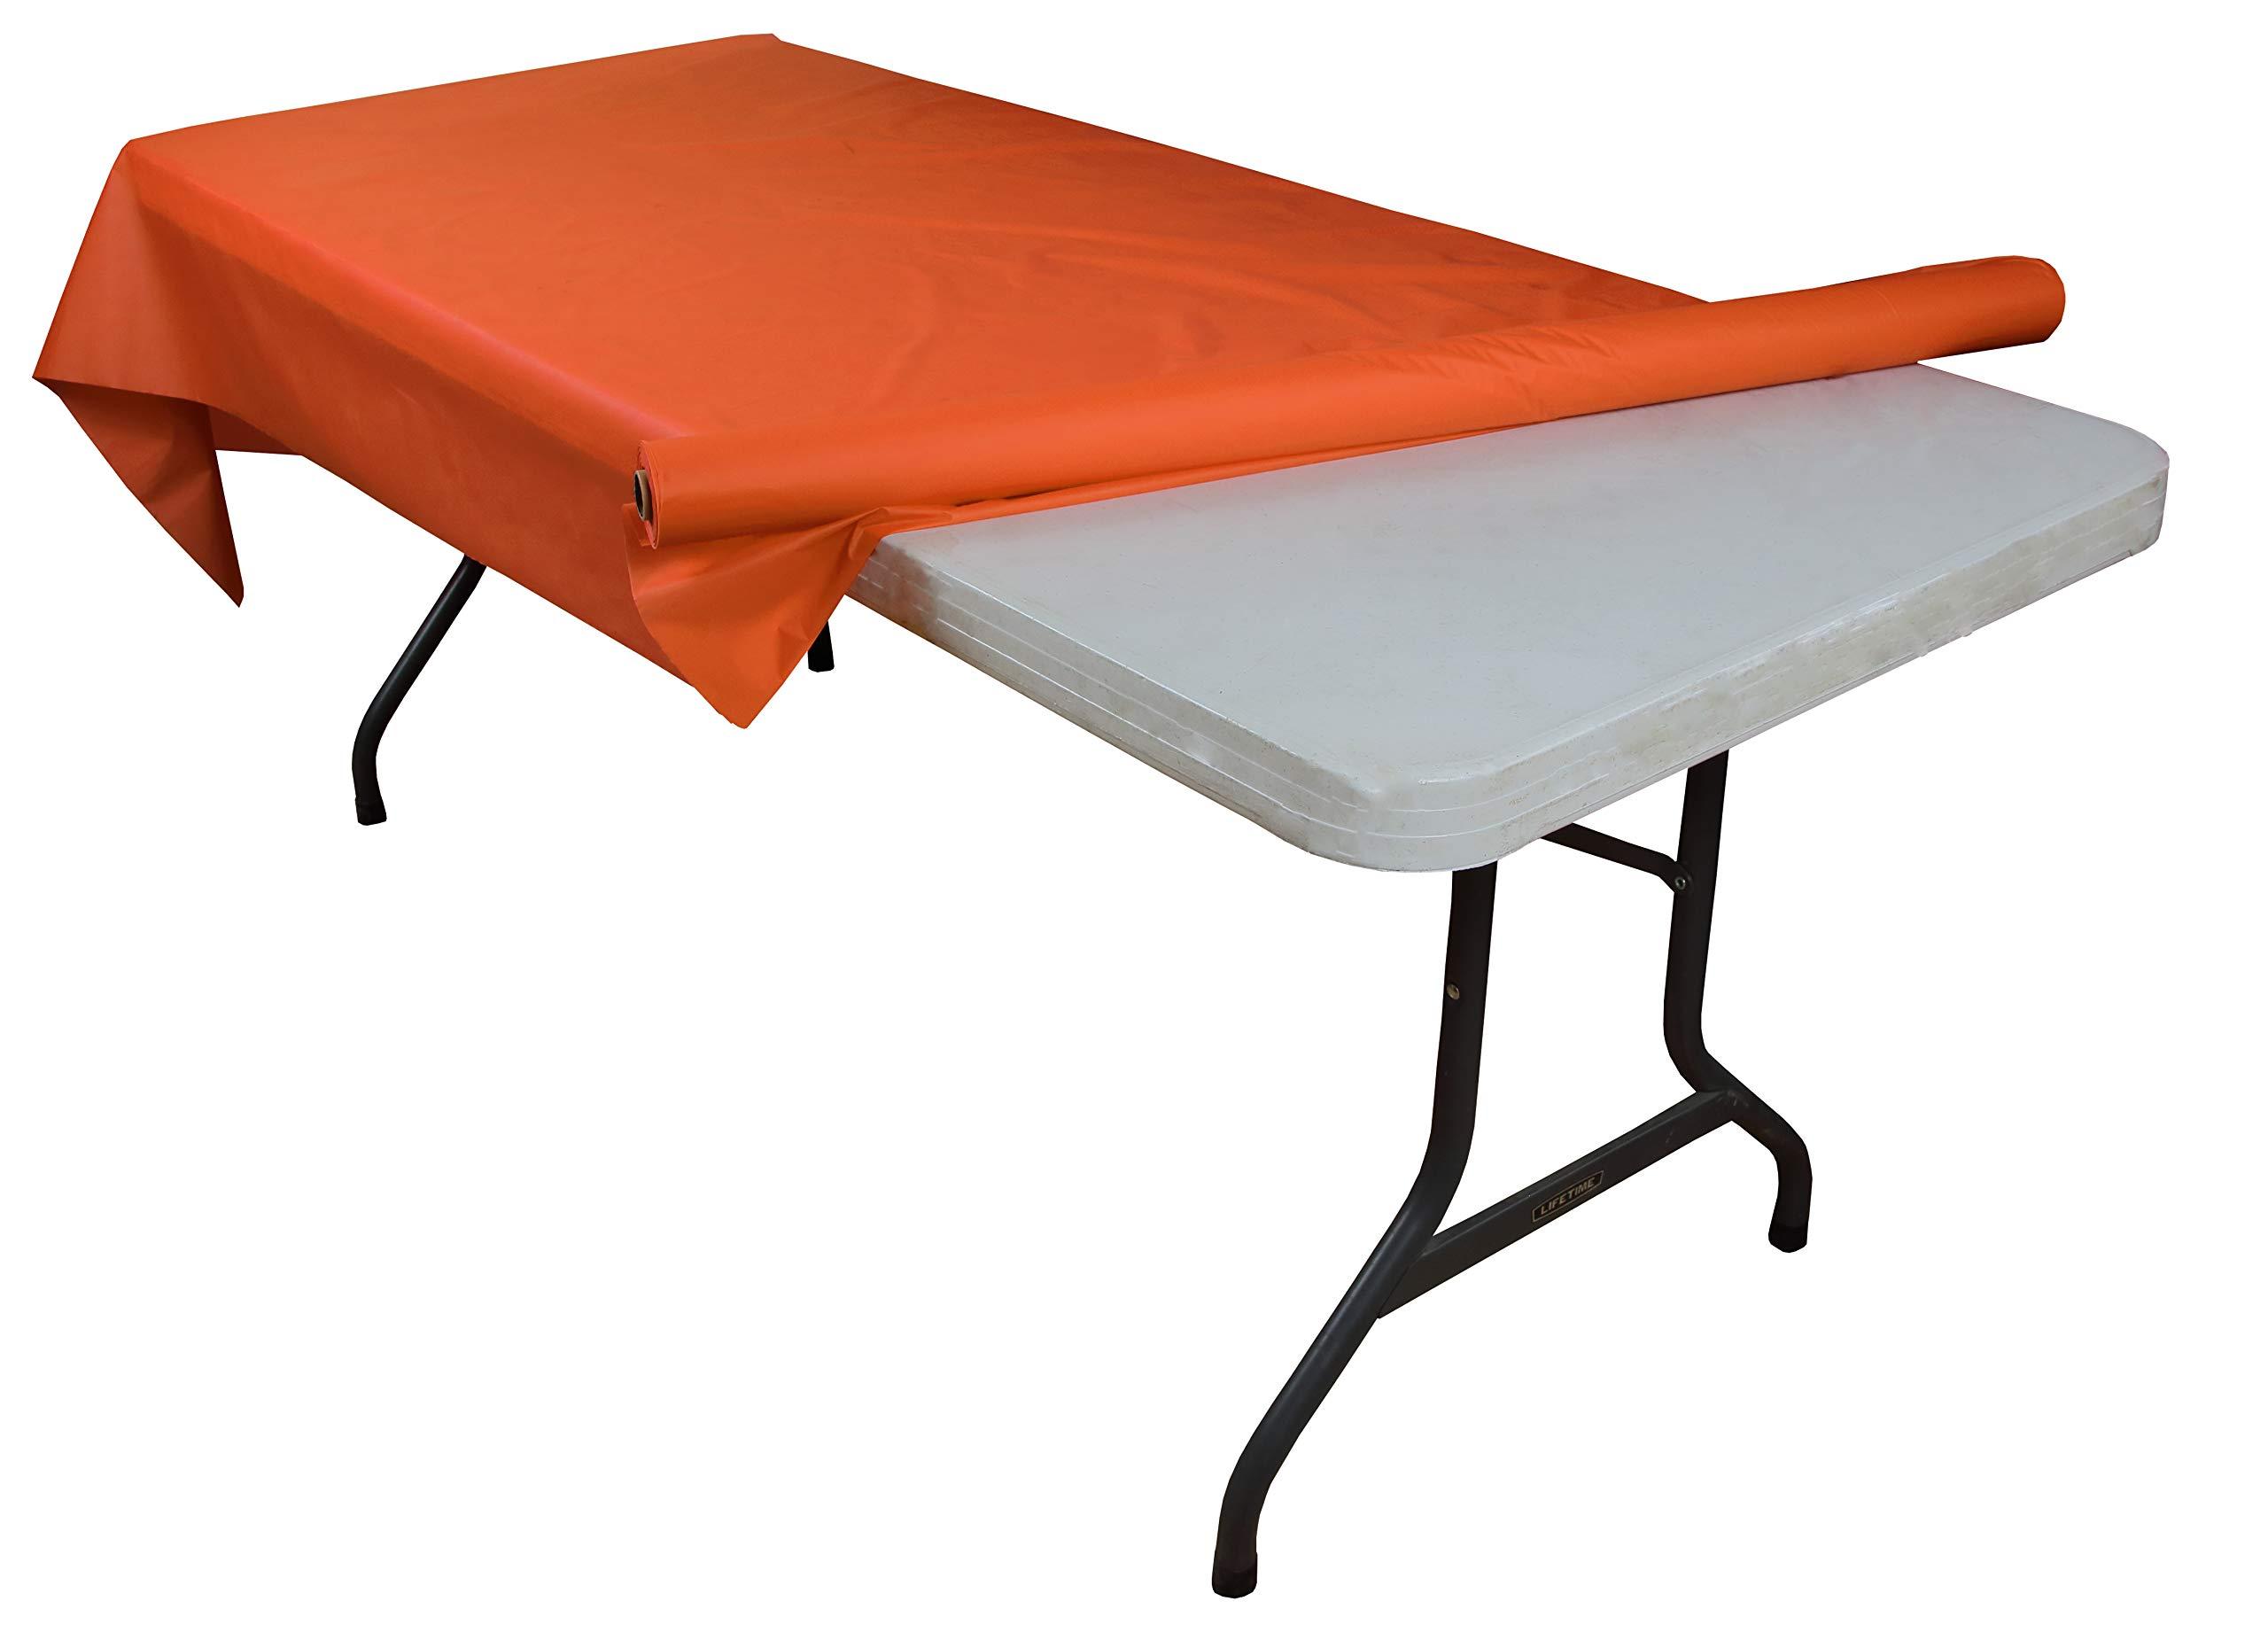 Exquisite Premium Quality Plastic Table Cover Banquet Rolls 40'' X 300' (Orange) by Exquisite